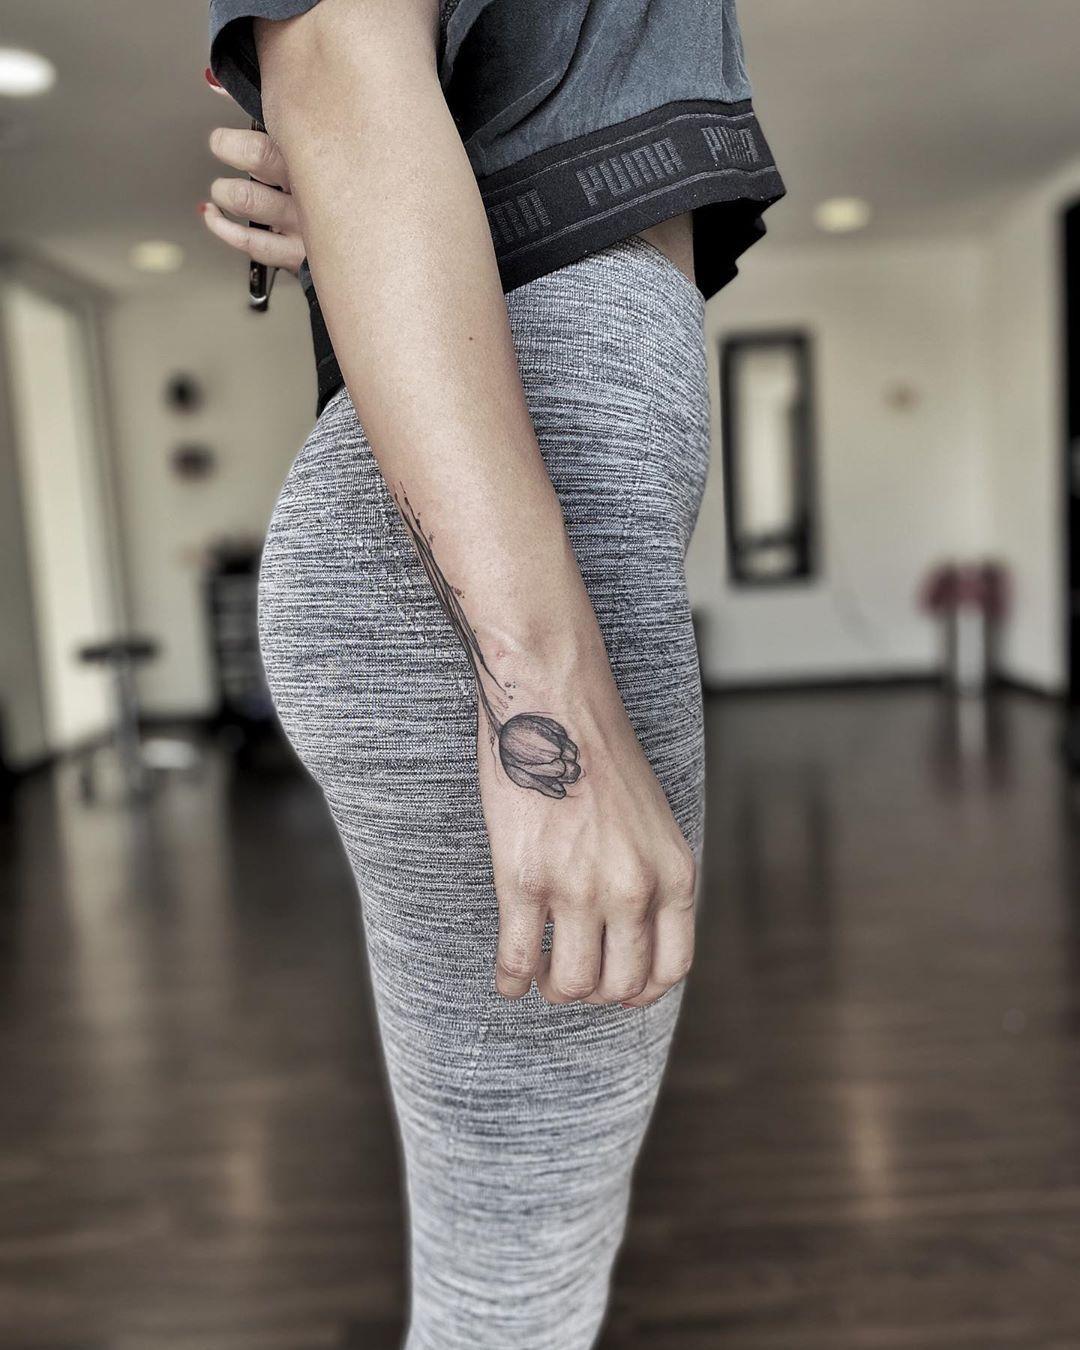 Tulip 🌷  No morir siempre infinitos!🦠 . . . #tattoo #tattooart #tattooartist #soulflower #tuliptattoo #blackink #sketchtattoo #reinanegratattoo #charleyjtattoos #amazingtattoos #tattoogram #tattooink #tattoomagazine #tattoomag #inkmag #inkmagazine #inked #instagram #inking #inked #tatuadoramexicana #tatuadora #tatuadoramexicana